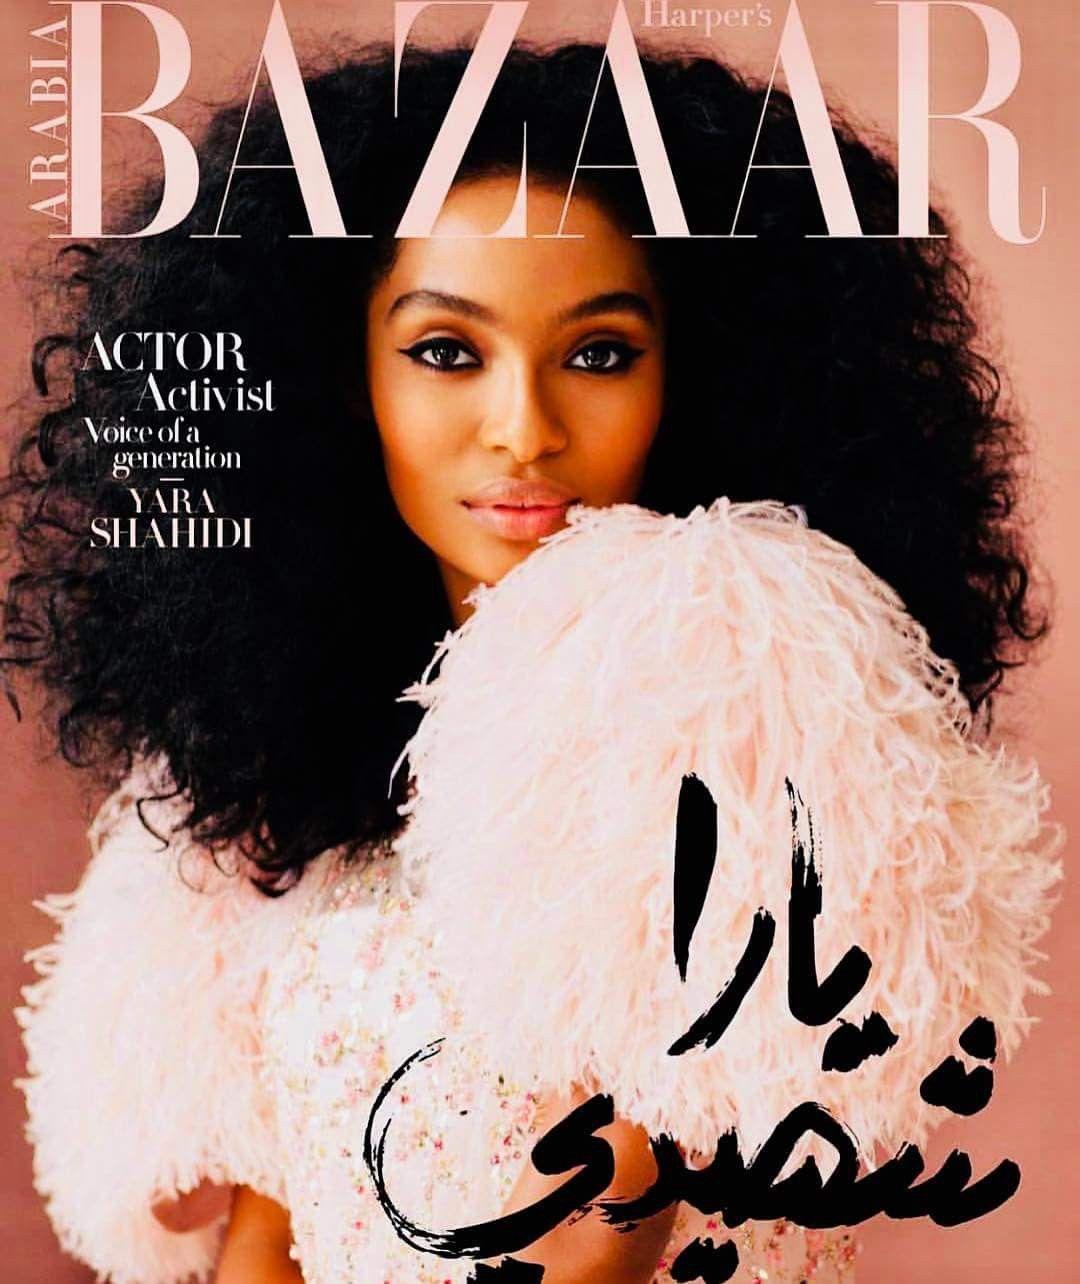 Image result for harpers bazaar celebrity cover girls